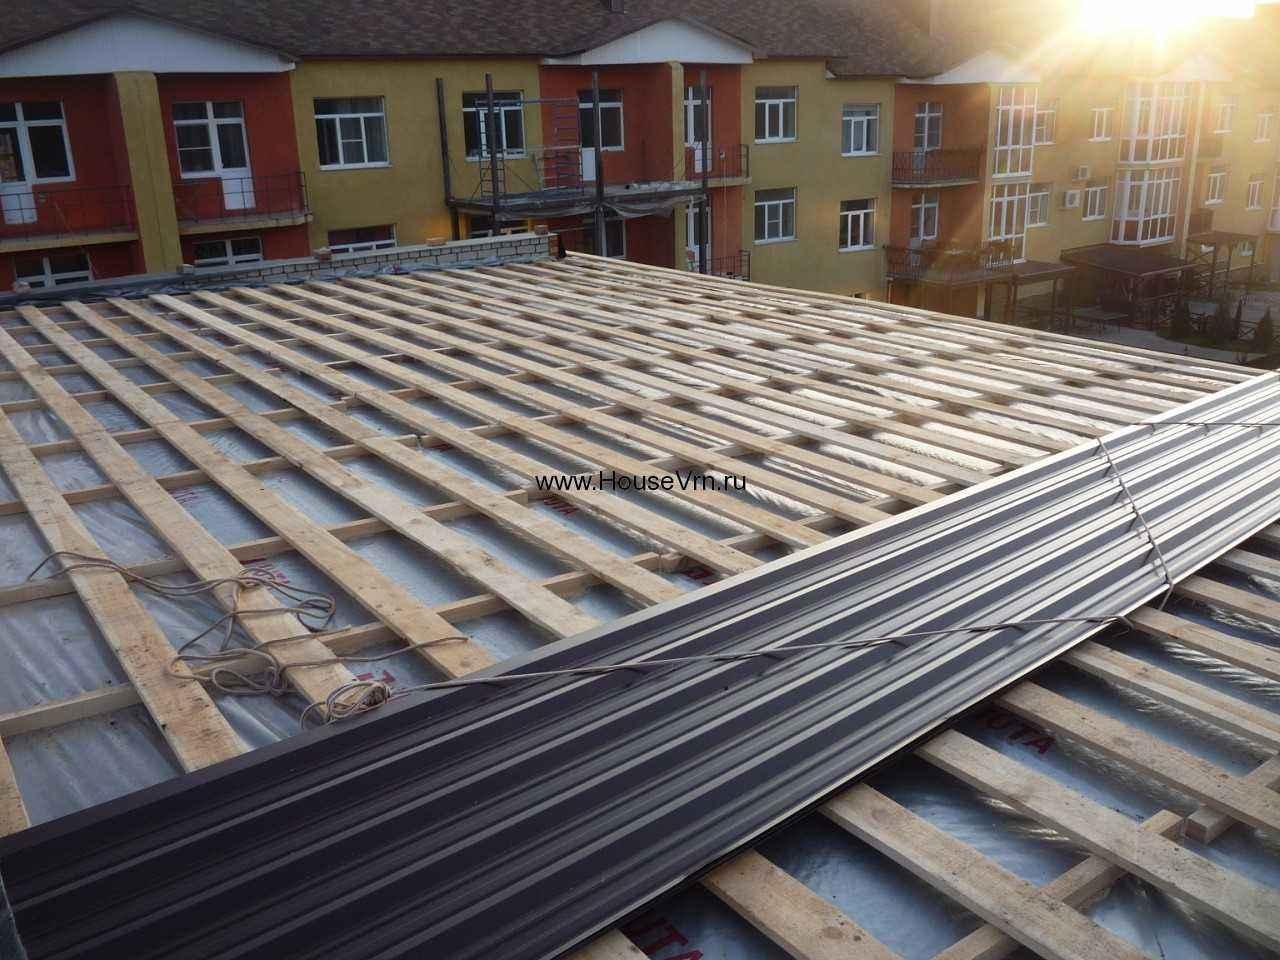 Как покрыть старую крышу профнастилом — рассмотрим вопрос